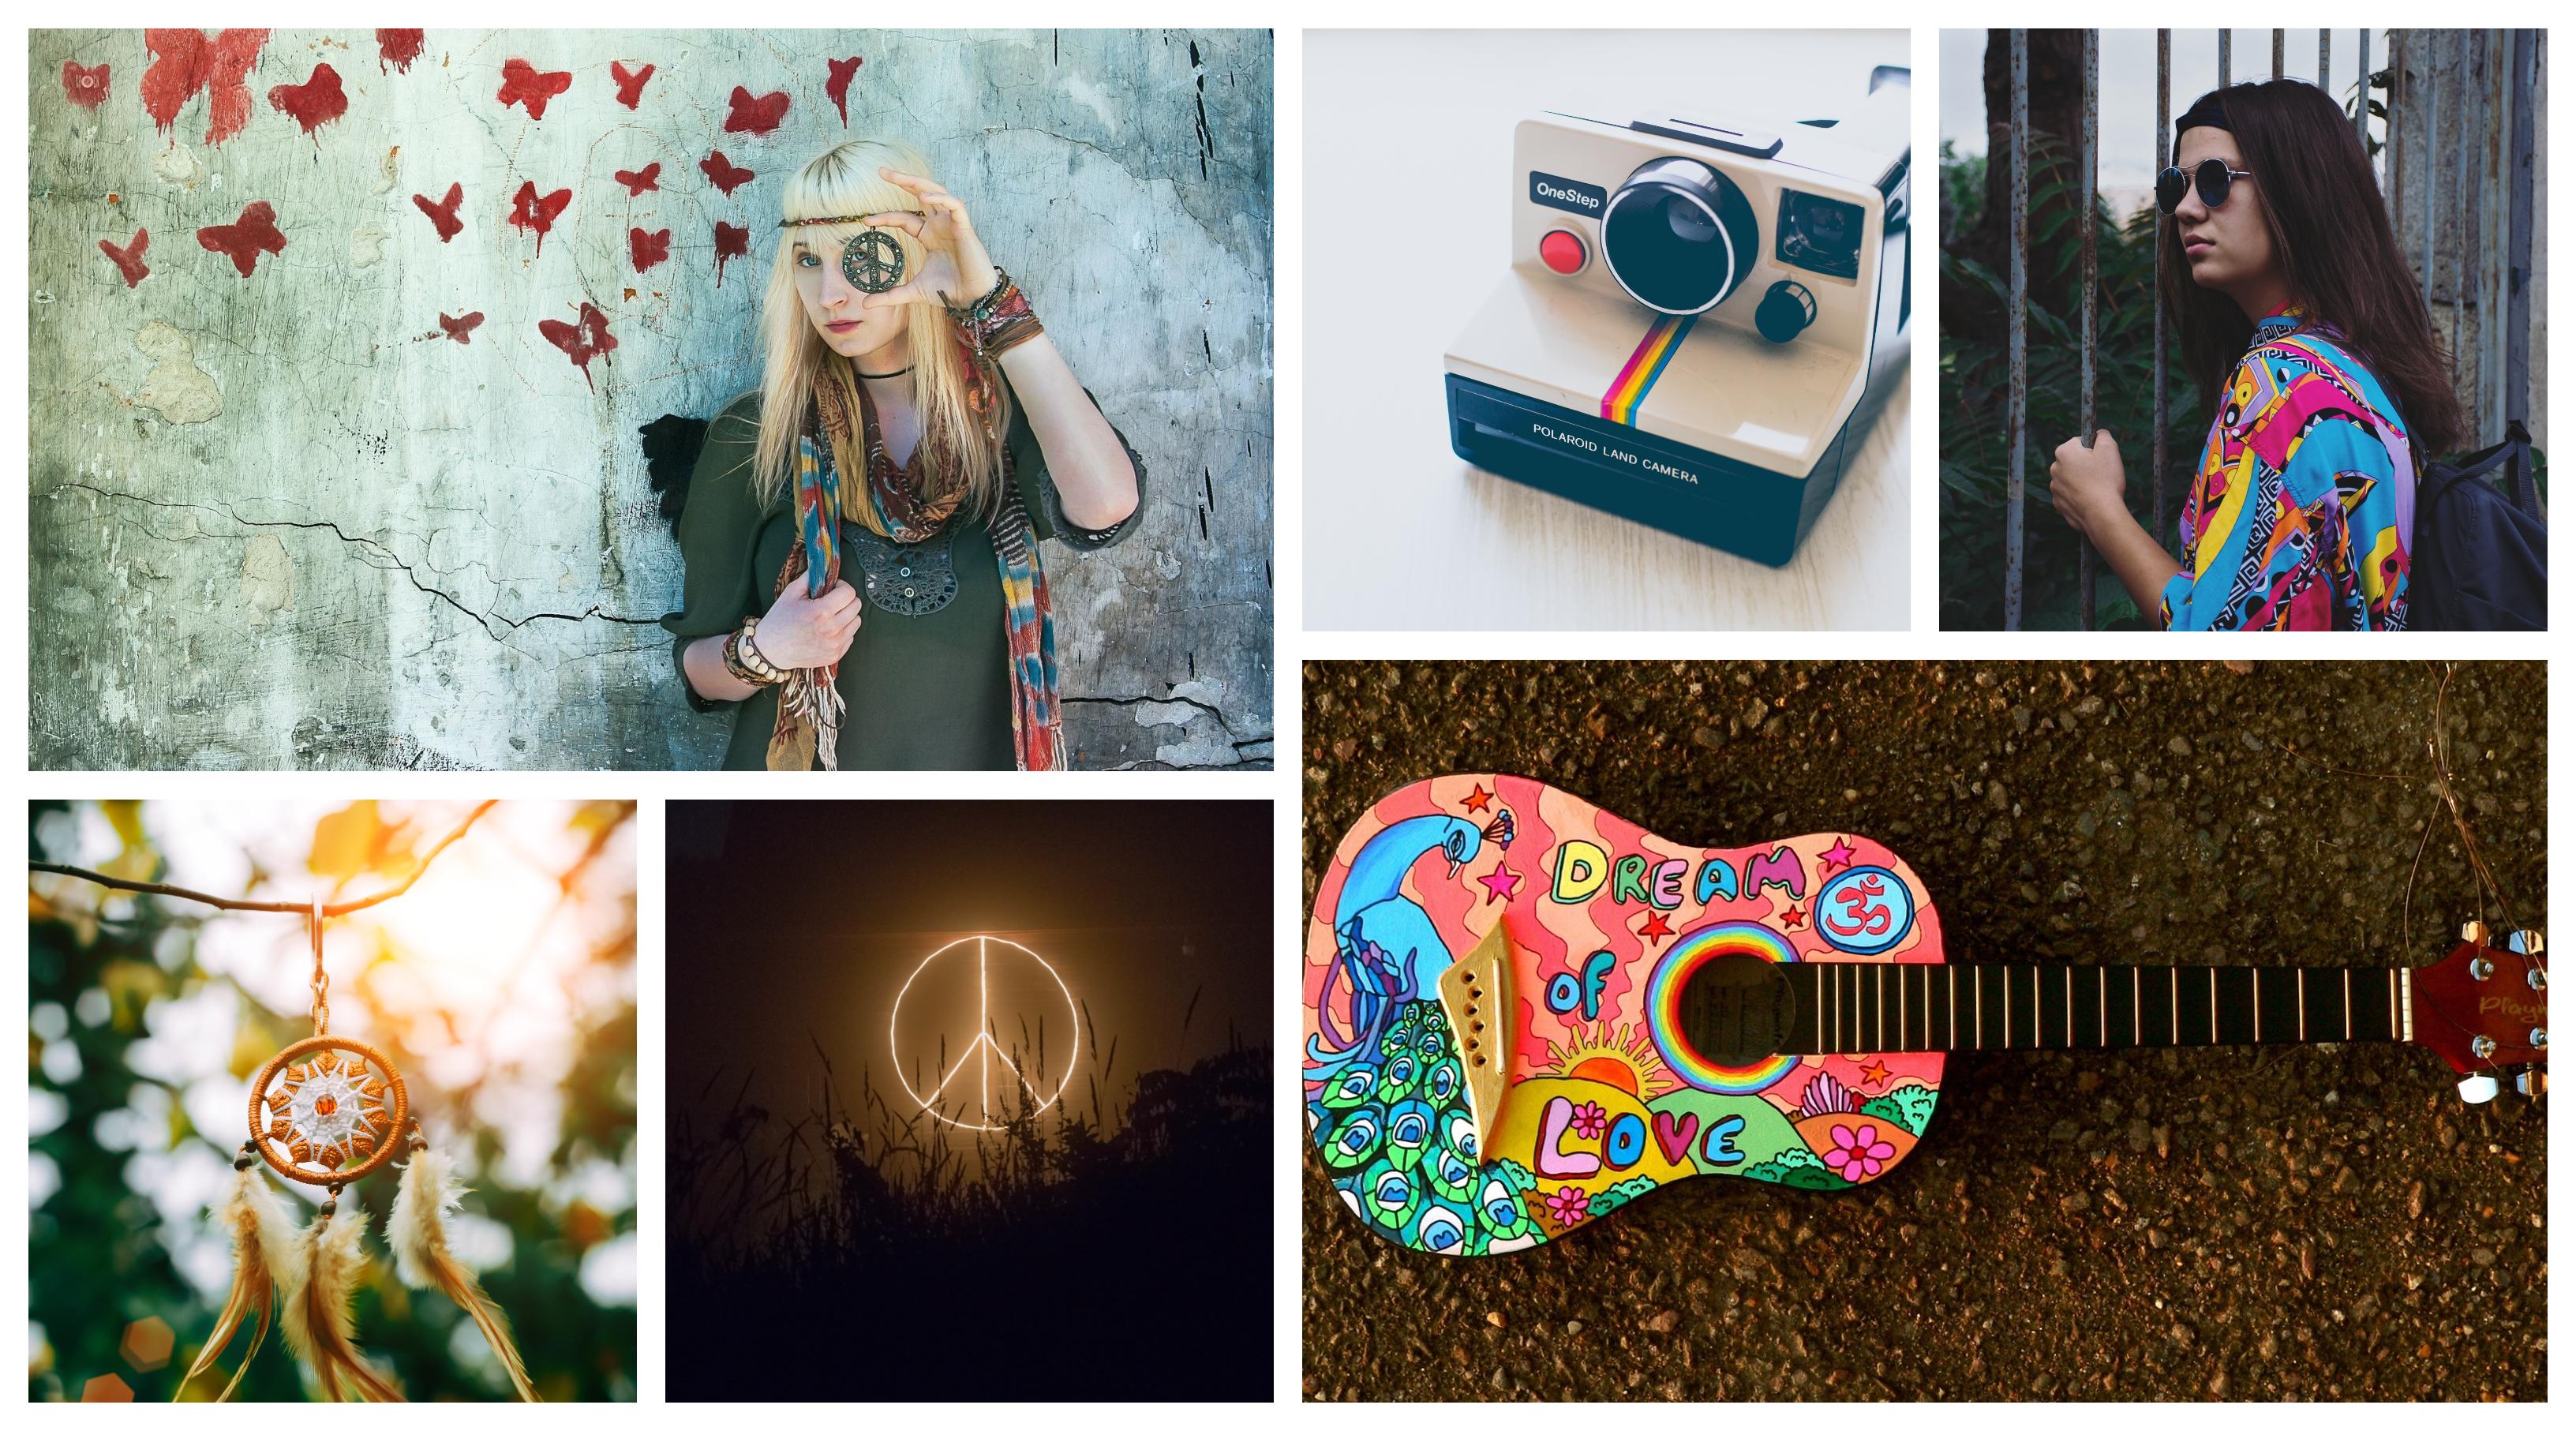 Soiree a theme hippie ou woodstock, comment décider quelle soirée organiser, Hippie vie amour et paix, décoration coloré